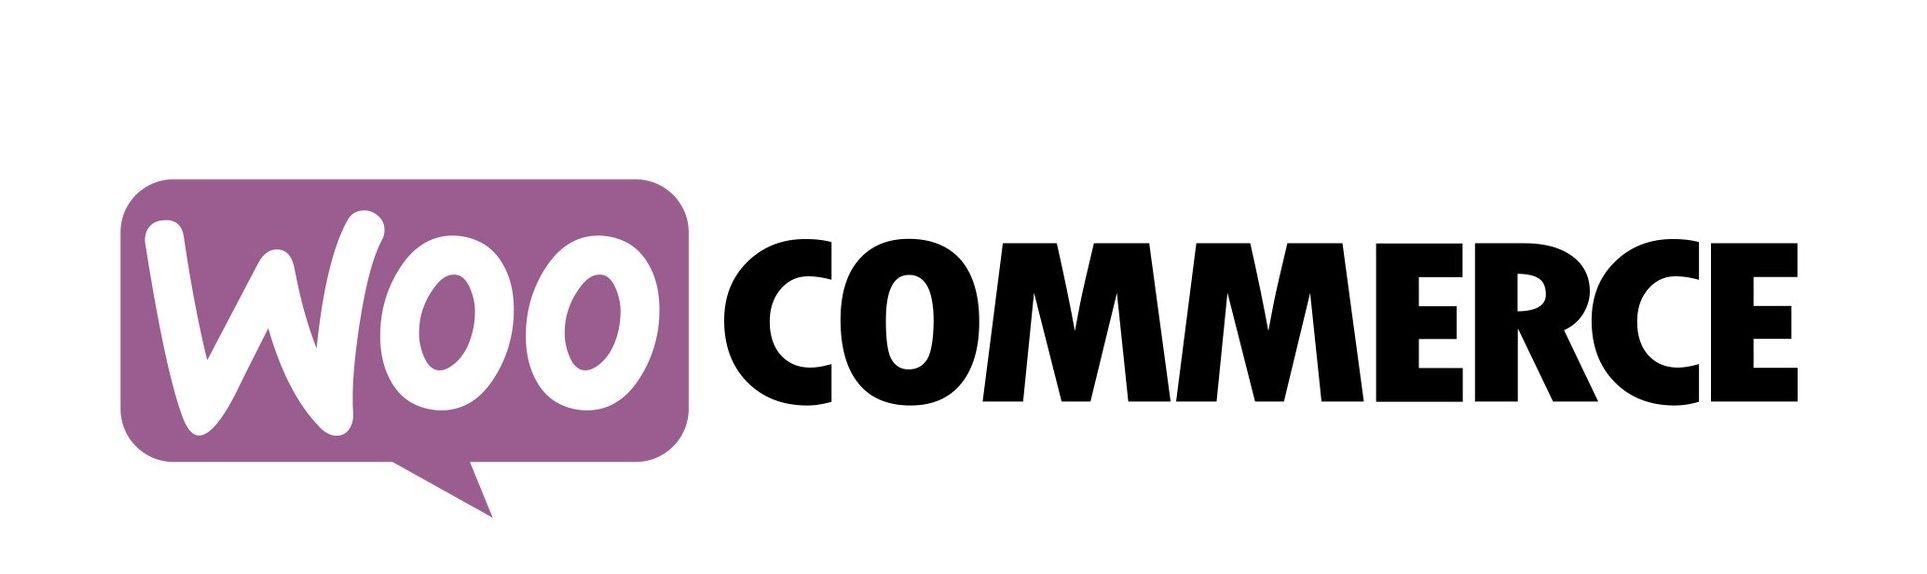 תוסף סליקת אשראי ל WooCommerce